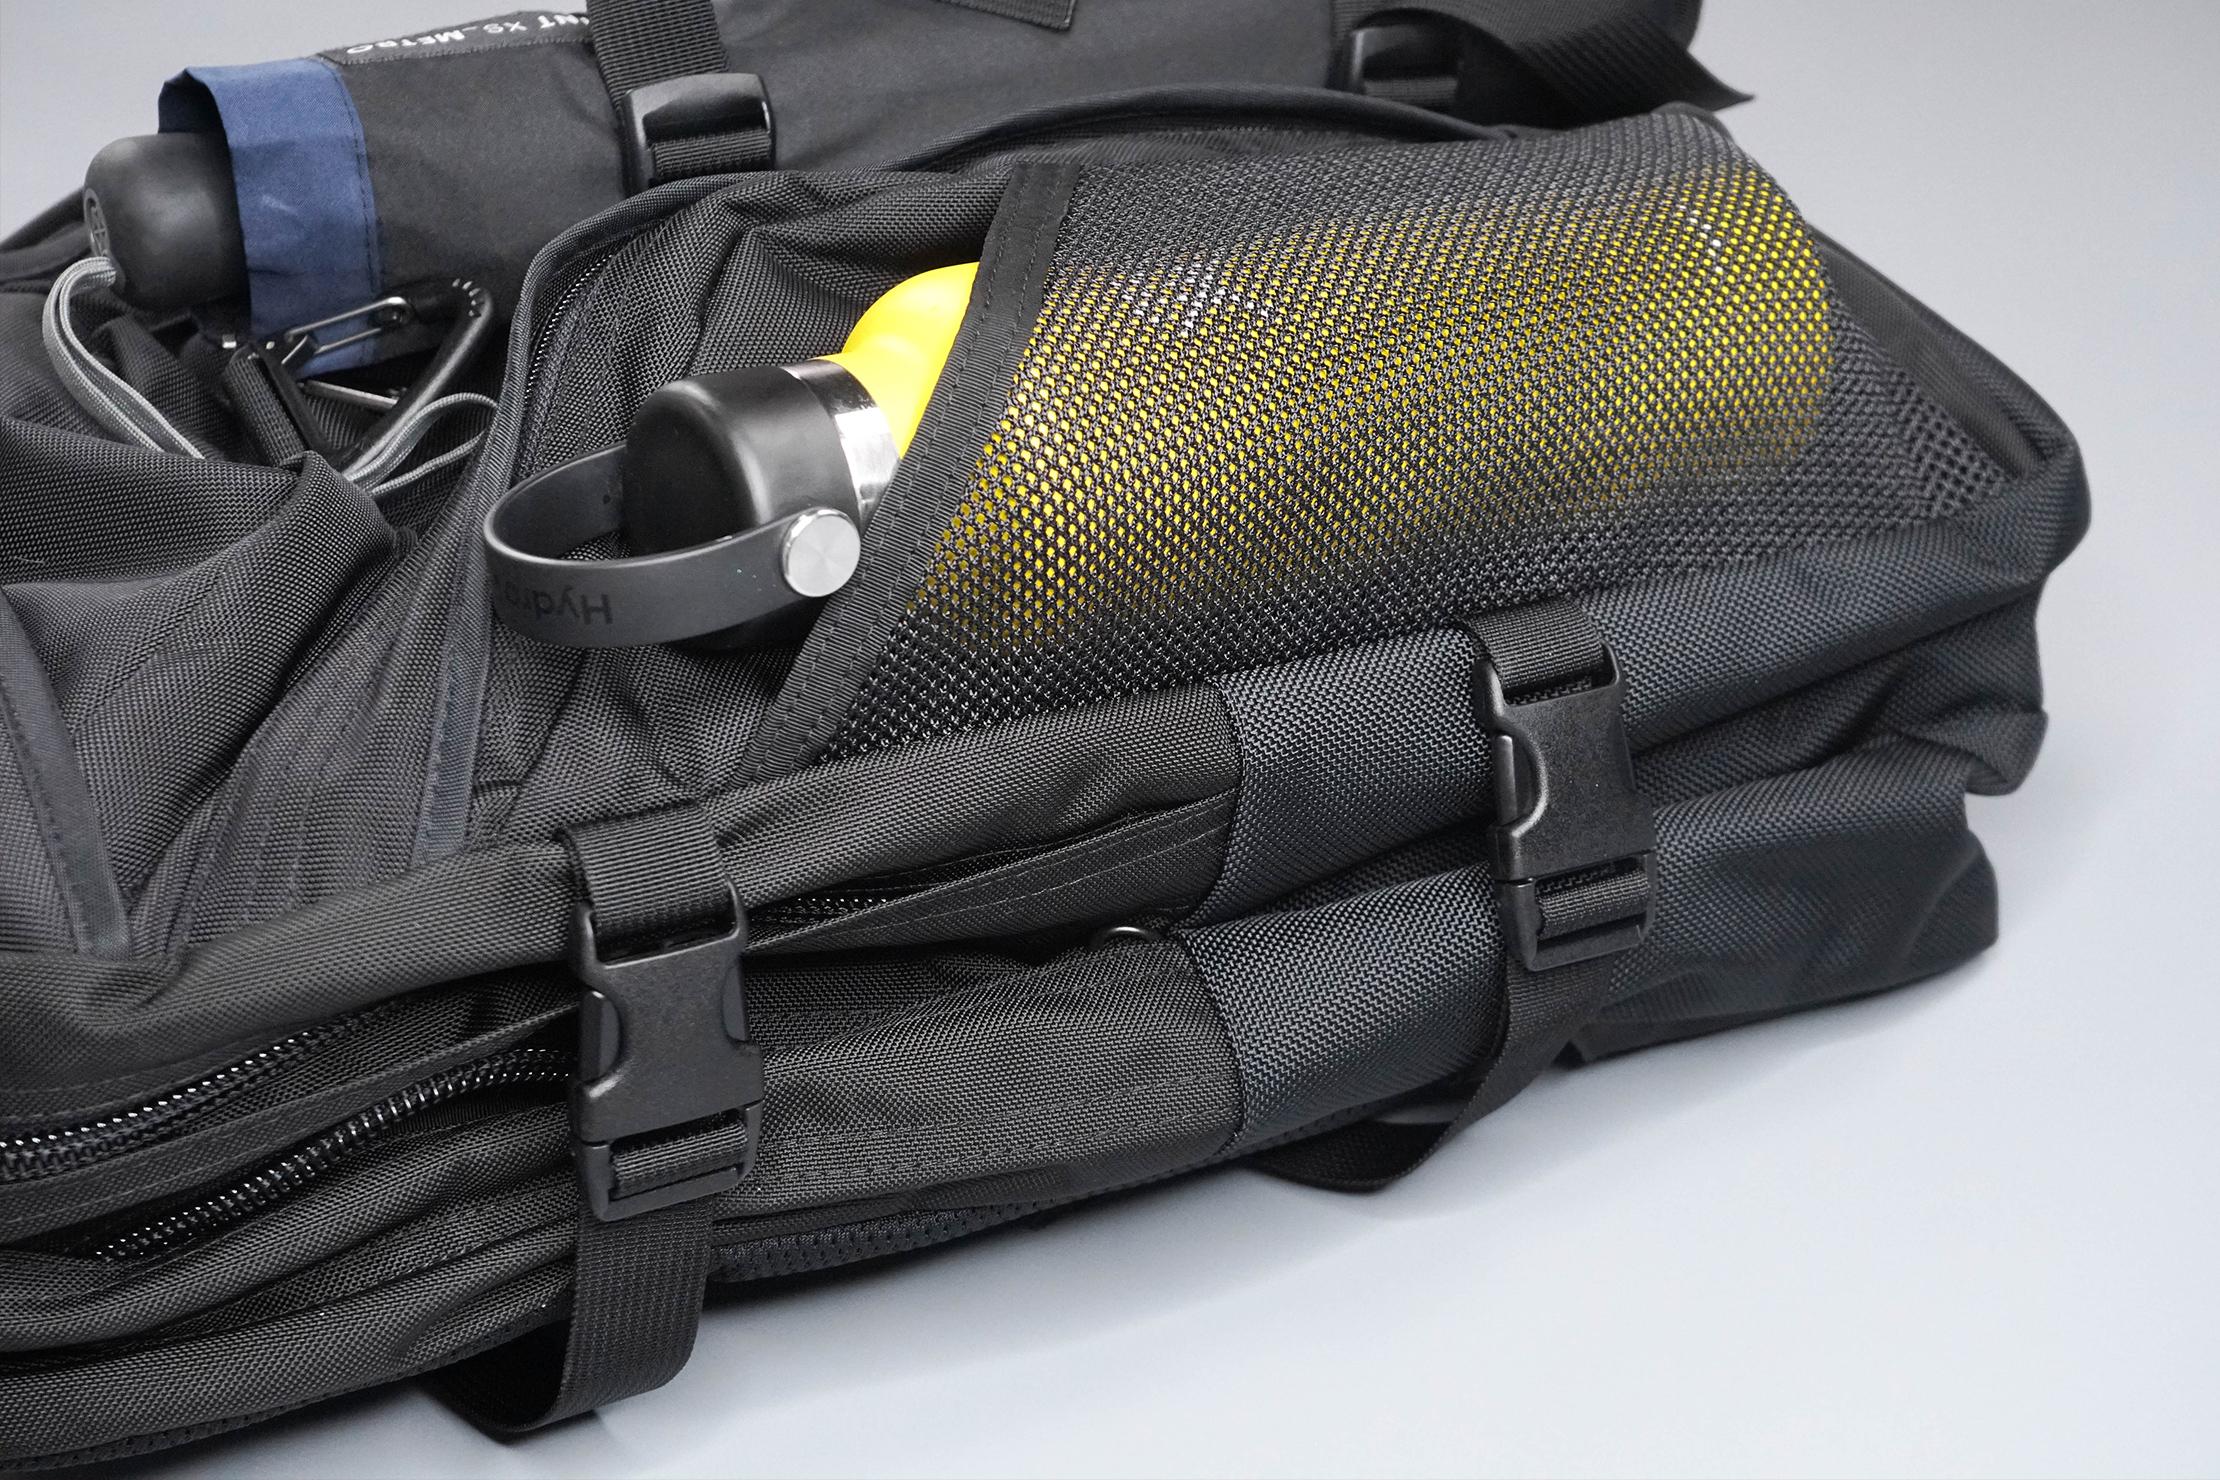 Tom Bihn Brain Bag Water Bottle Pocket and Compression Straps